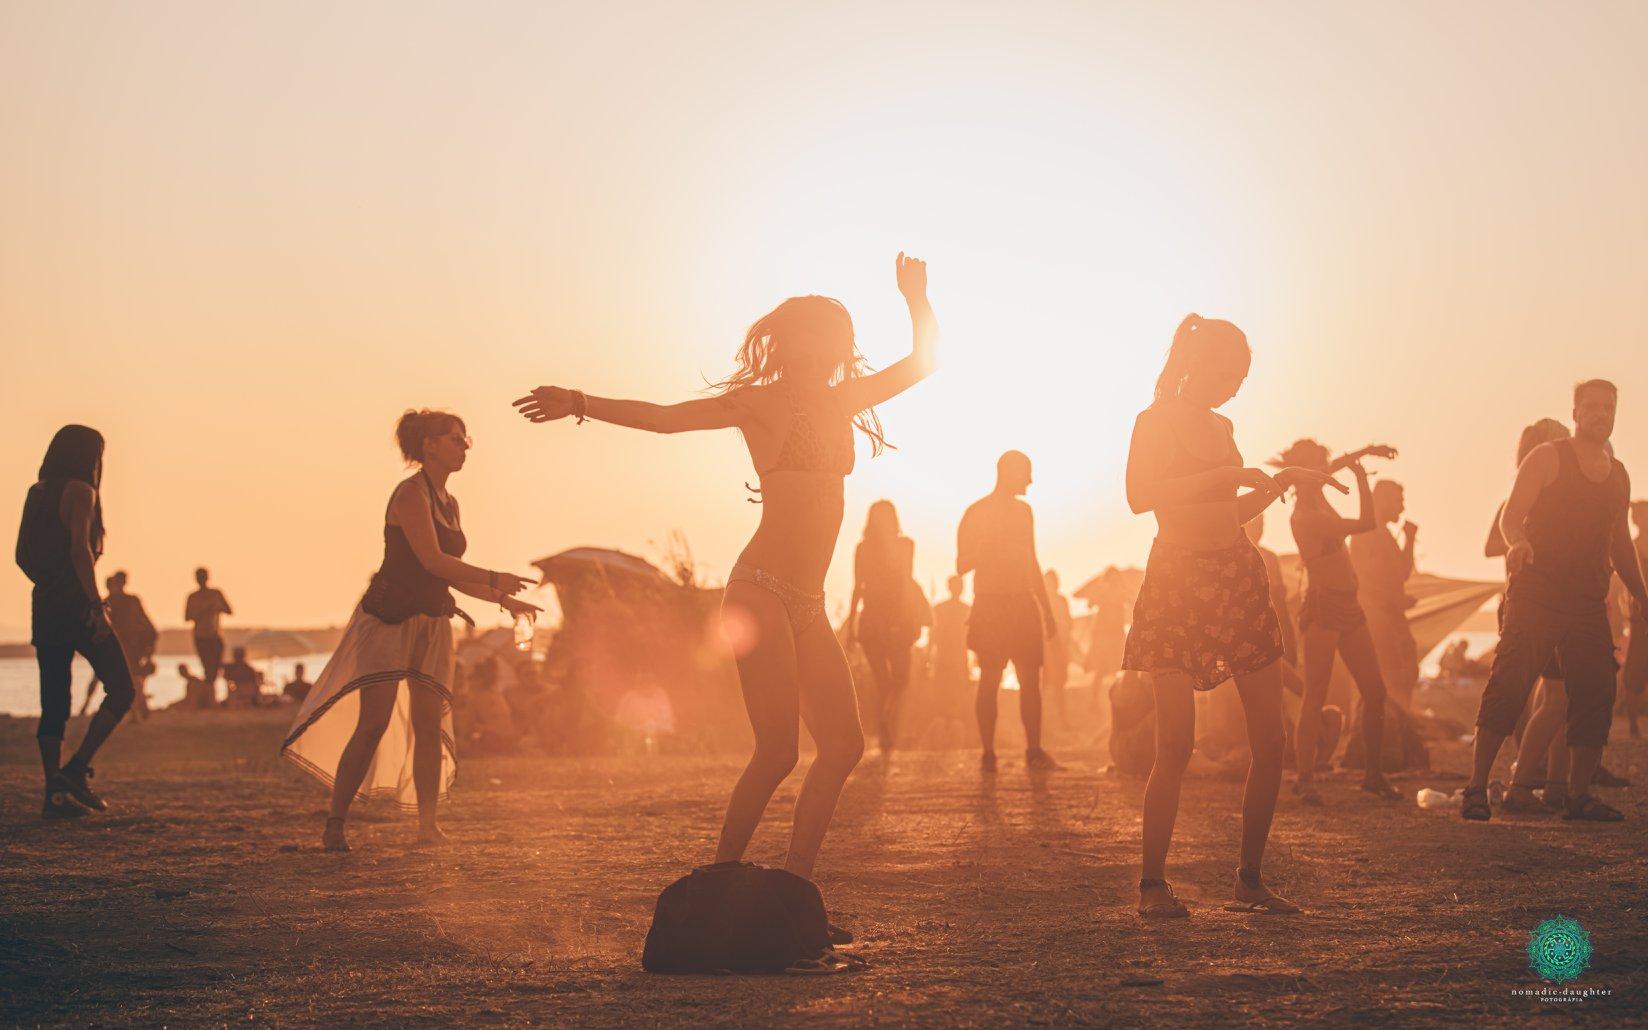 אנשים רוקדים על החוף ביוון בפסטיבל free earth